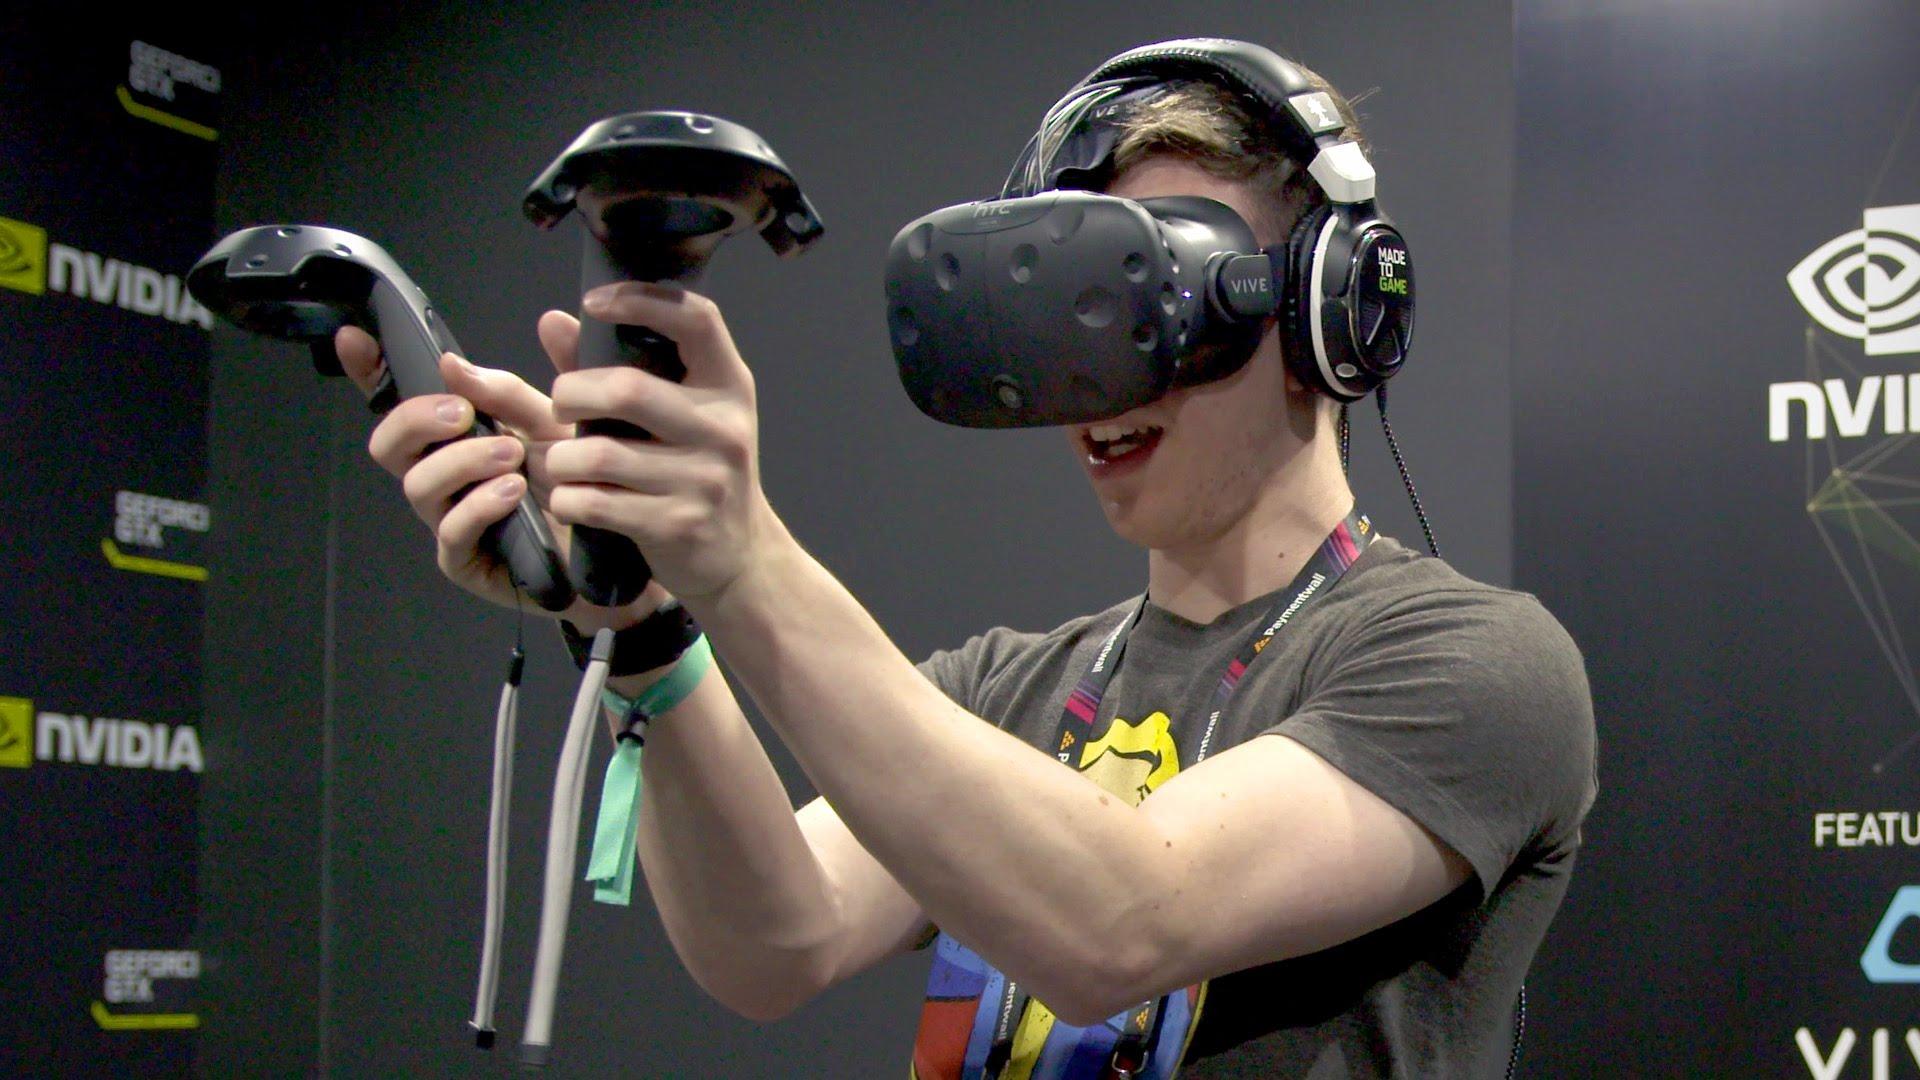 一名女玩家興奮體驗VR打僵屍「還以為變成神」,一玩多P模式立刻被男玩家性侵...